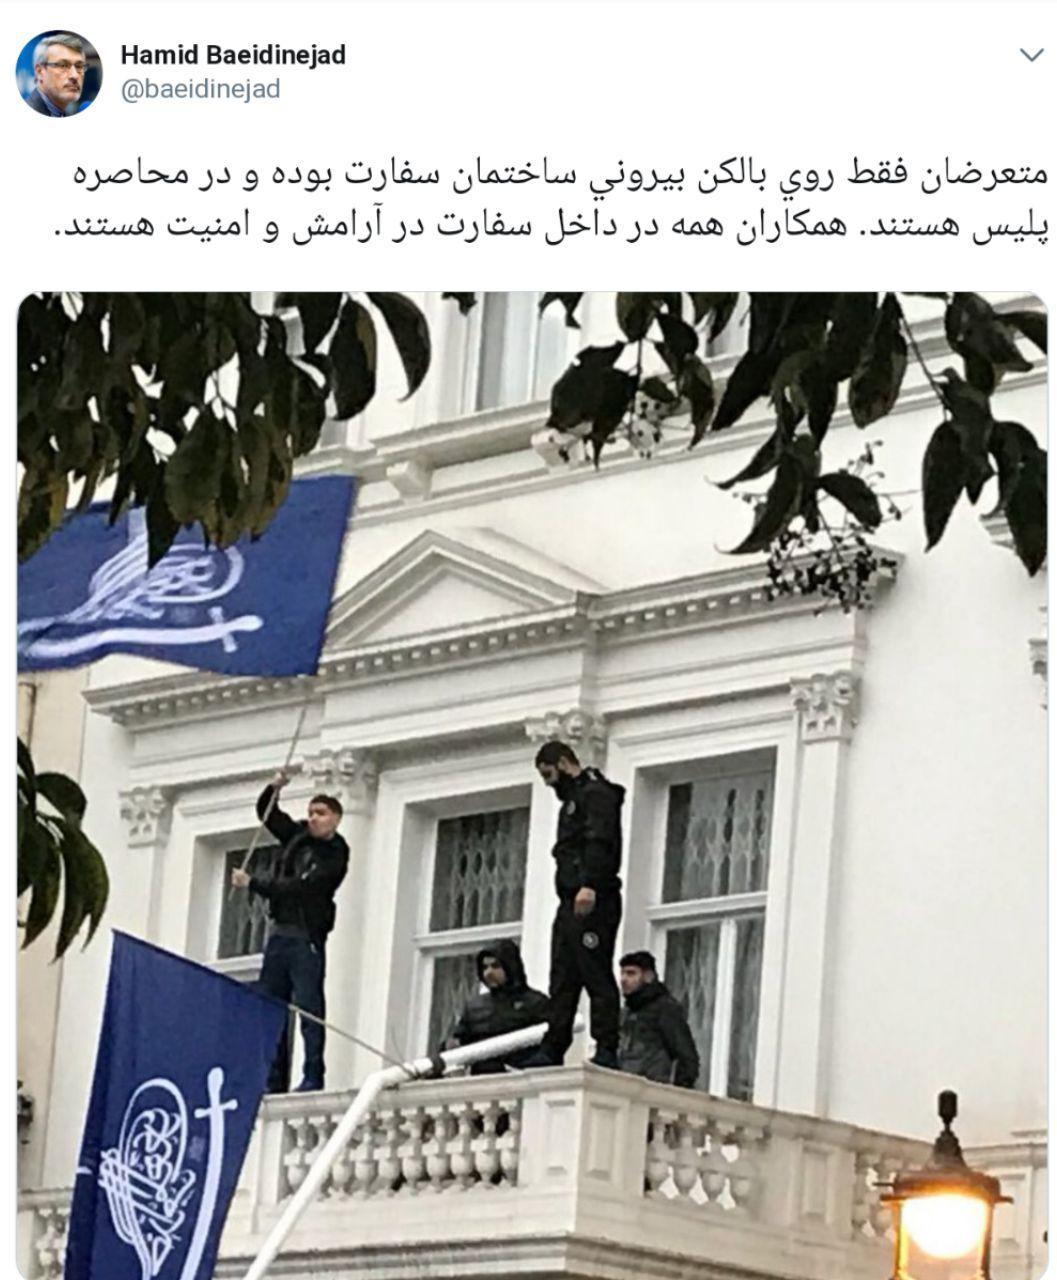 حمله به سفارت ایران در لندن/ بازداشت مهاجمان